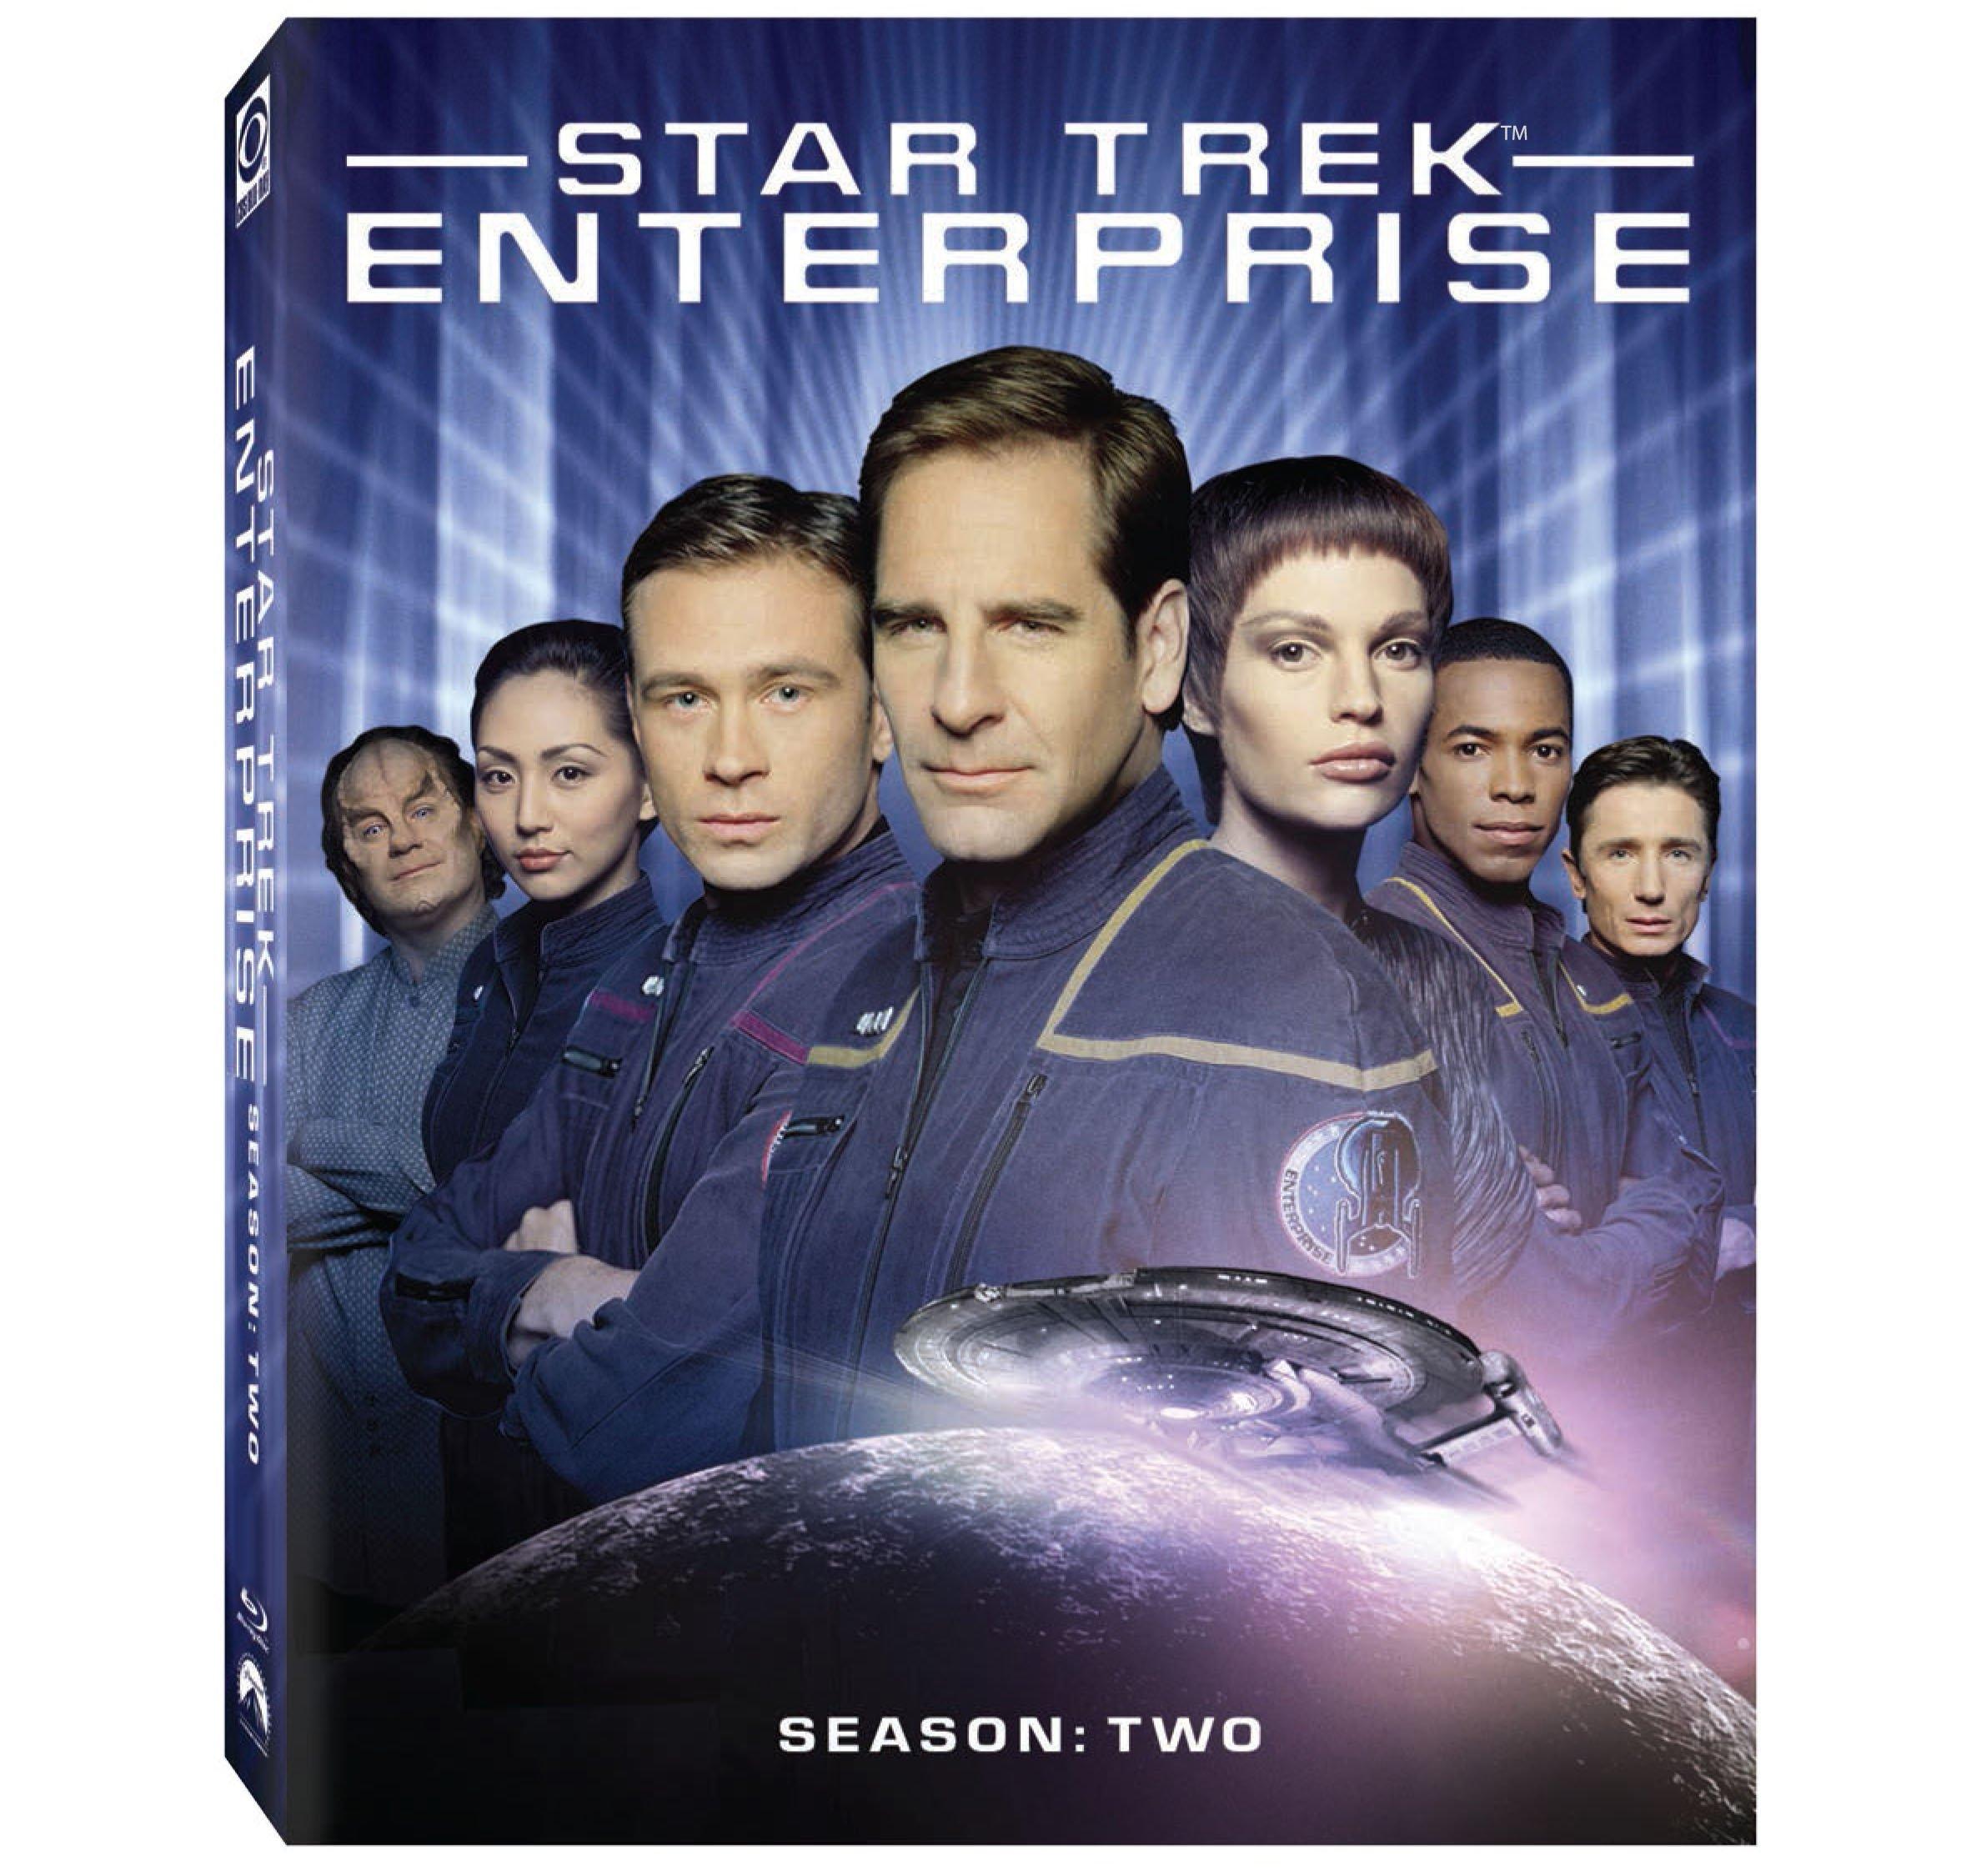 Star Trek: Enterprise-Season 2 [Blu-ray] by Imports